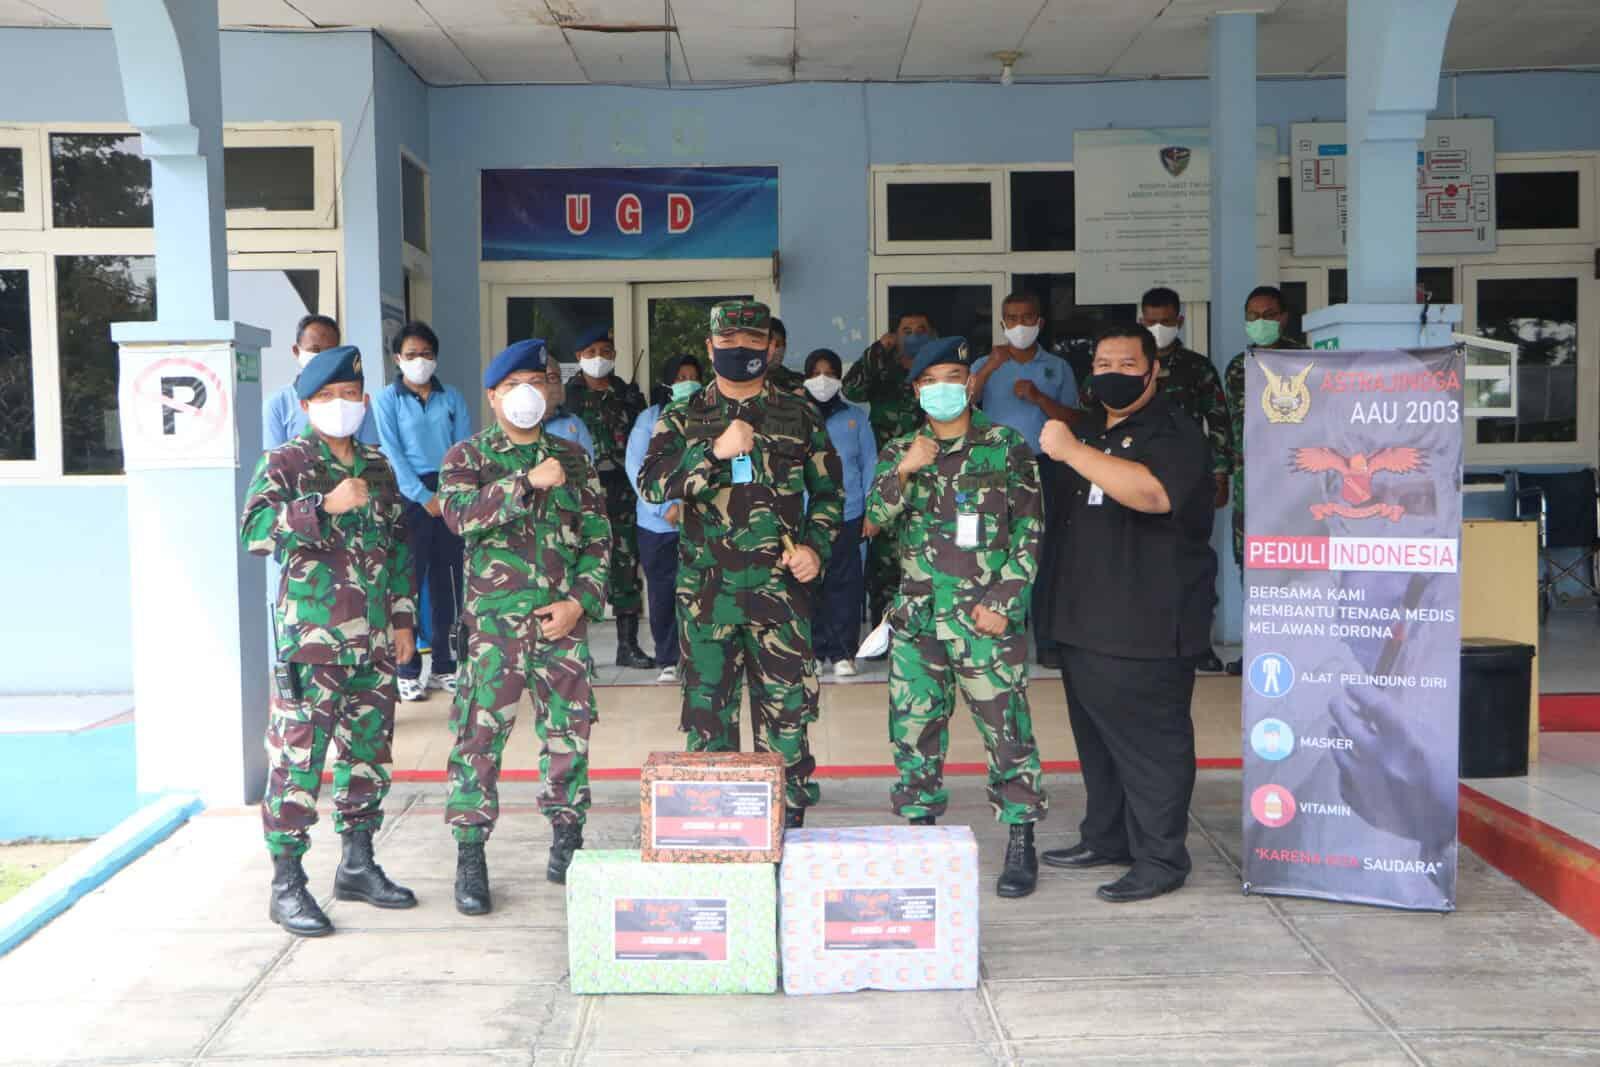 Astrajingga AAU 2003 Bantu Para Medis Rumkit dr.Sukirman Lanud Rsn